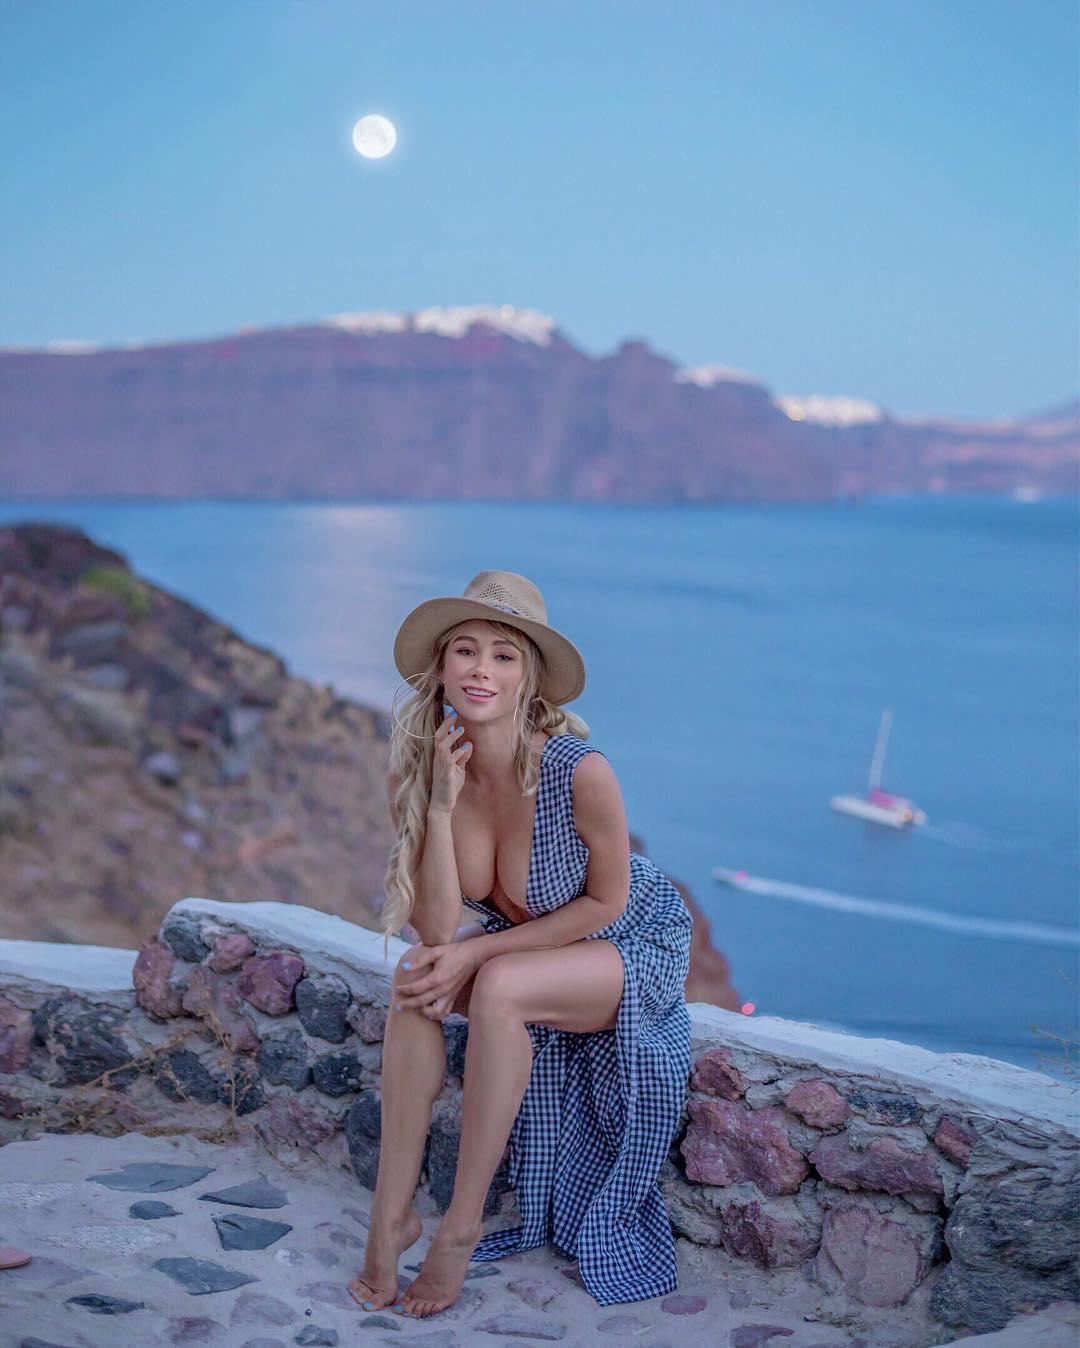 Фото путешествующей Сары Андервуд из Instagram